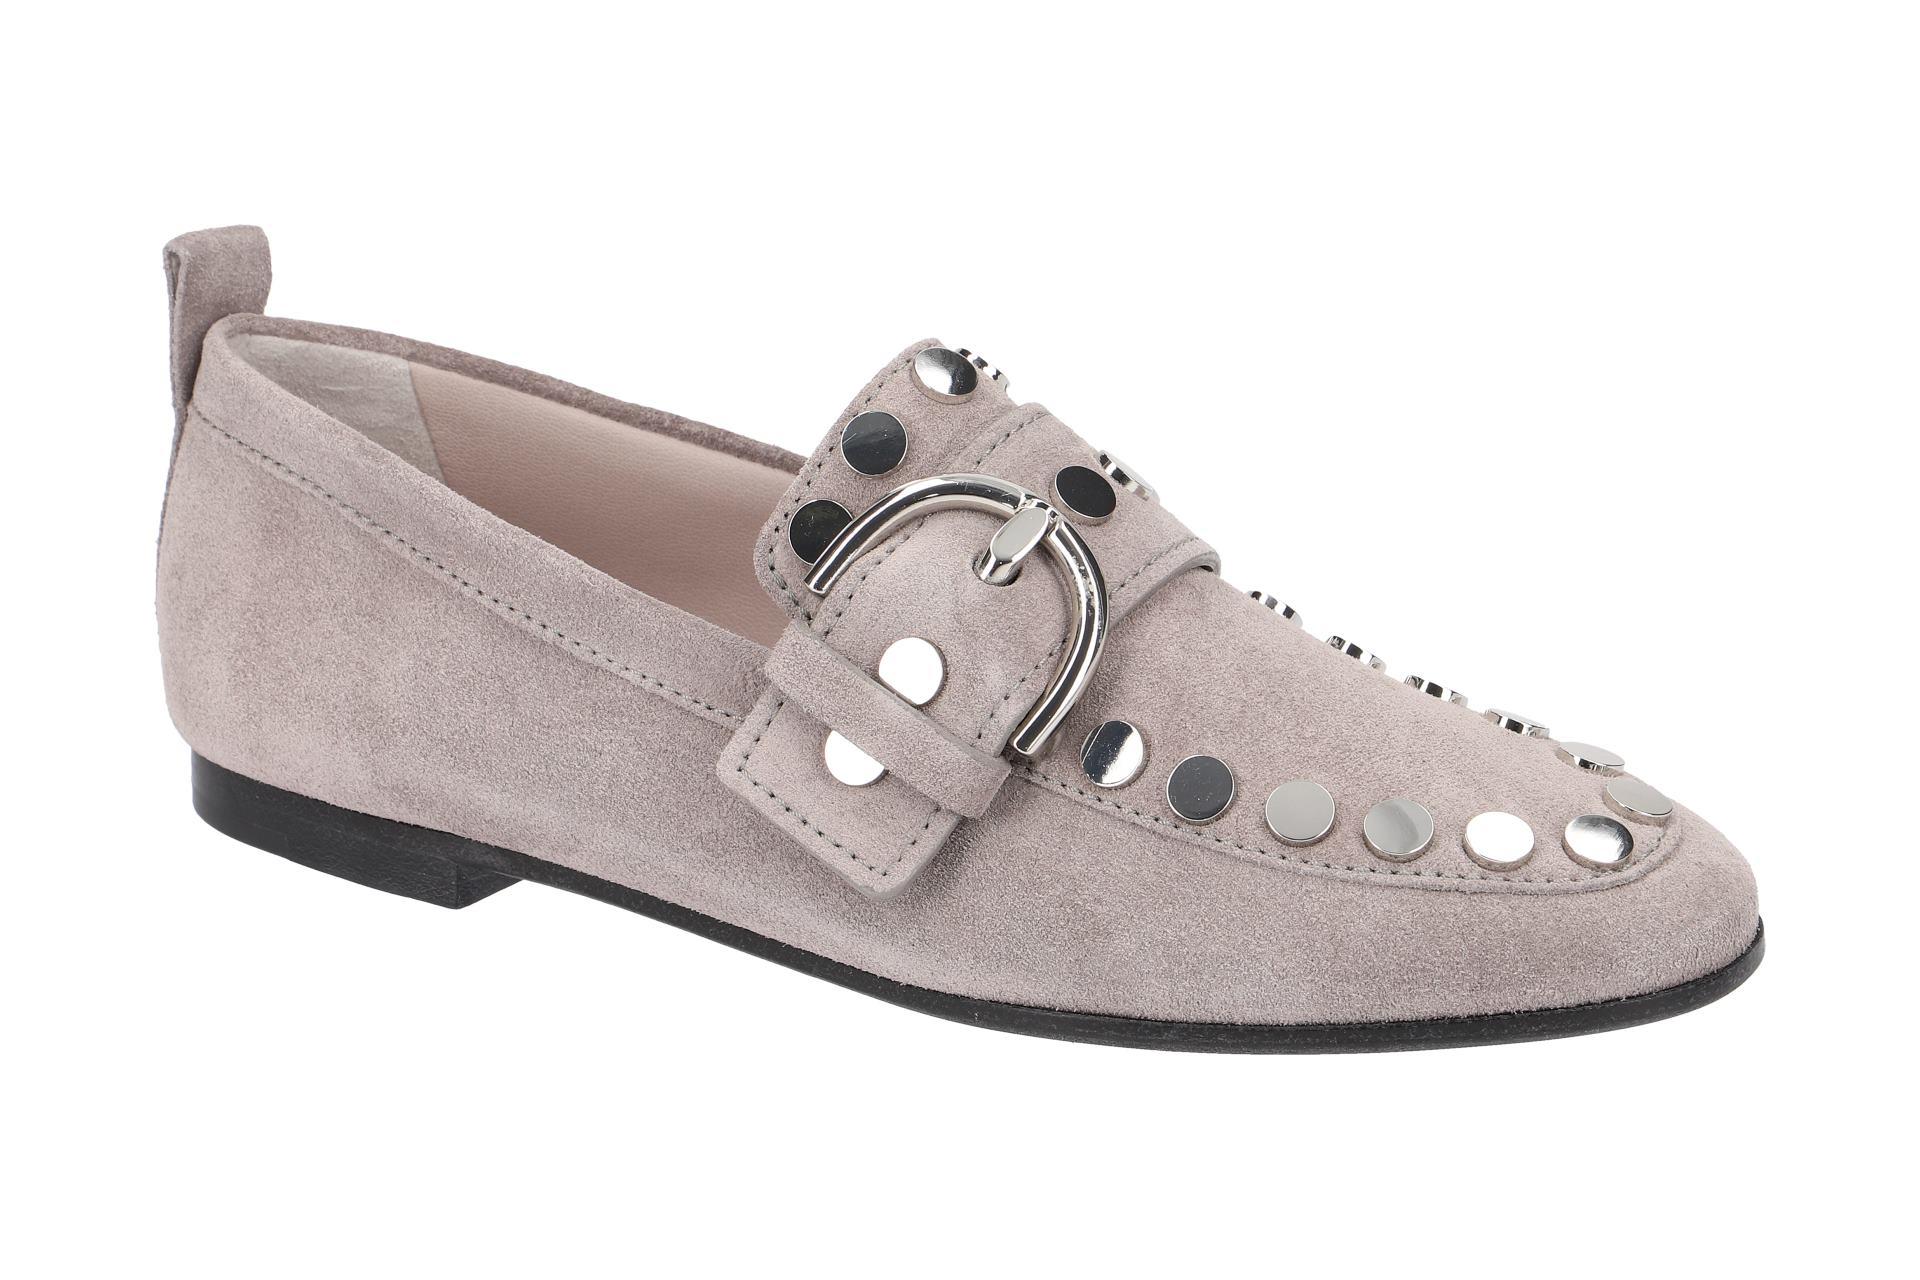 7481266e0dc73f K S Tara Slipper Schuhe grau Nieten - Schuhhaus Strauch Shop